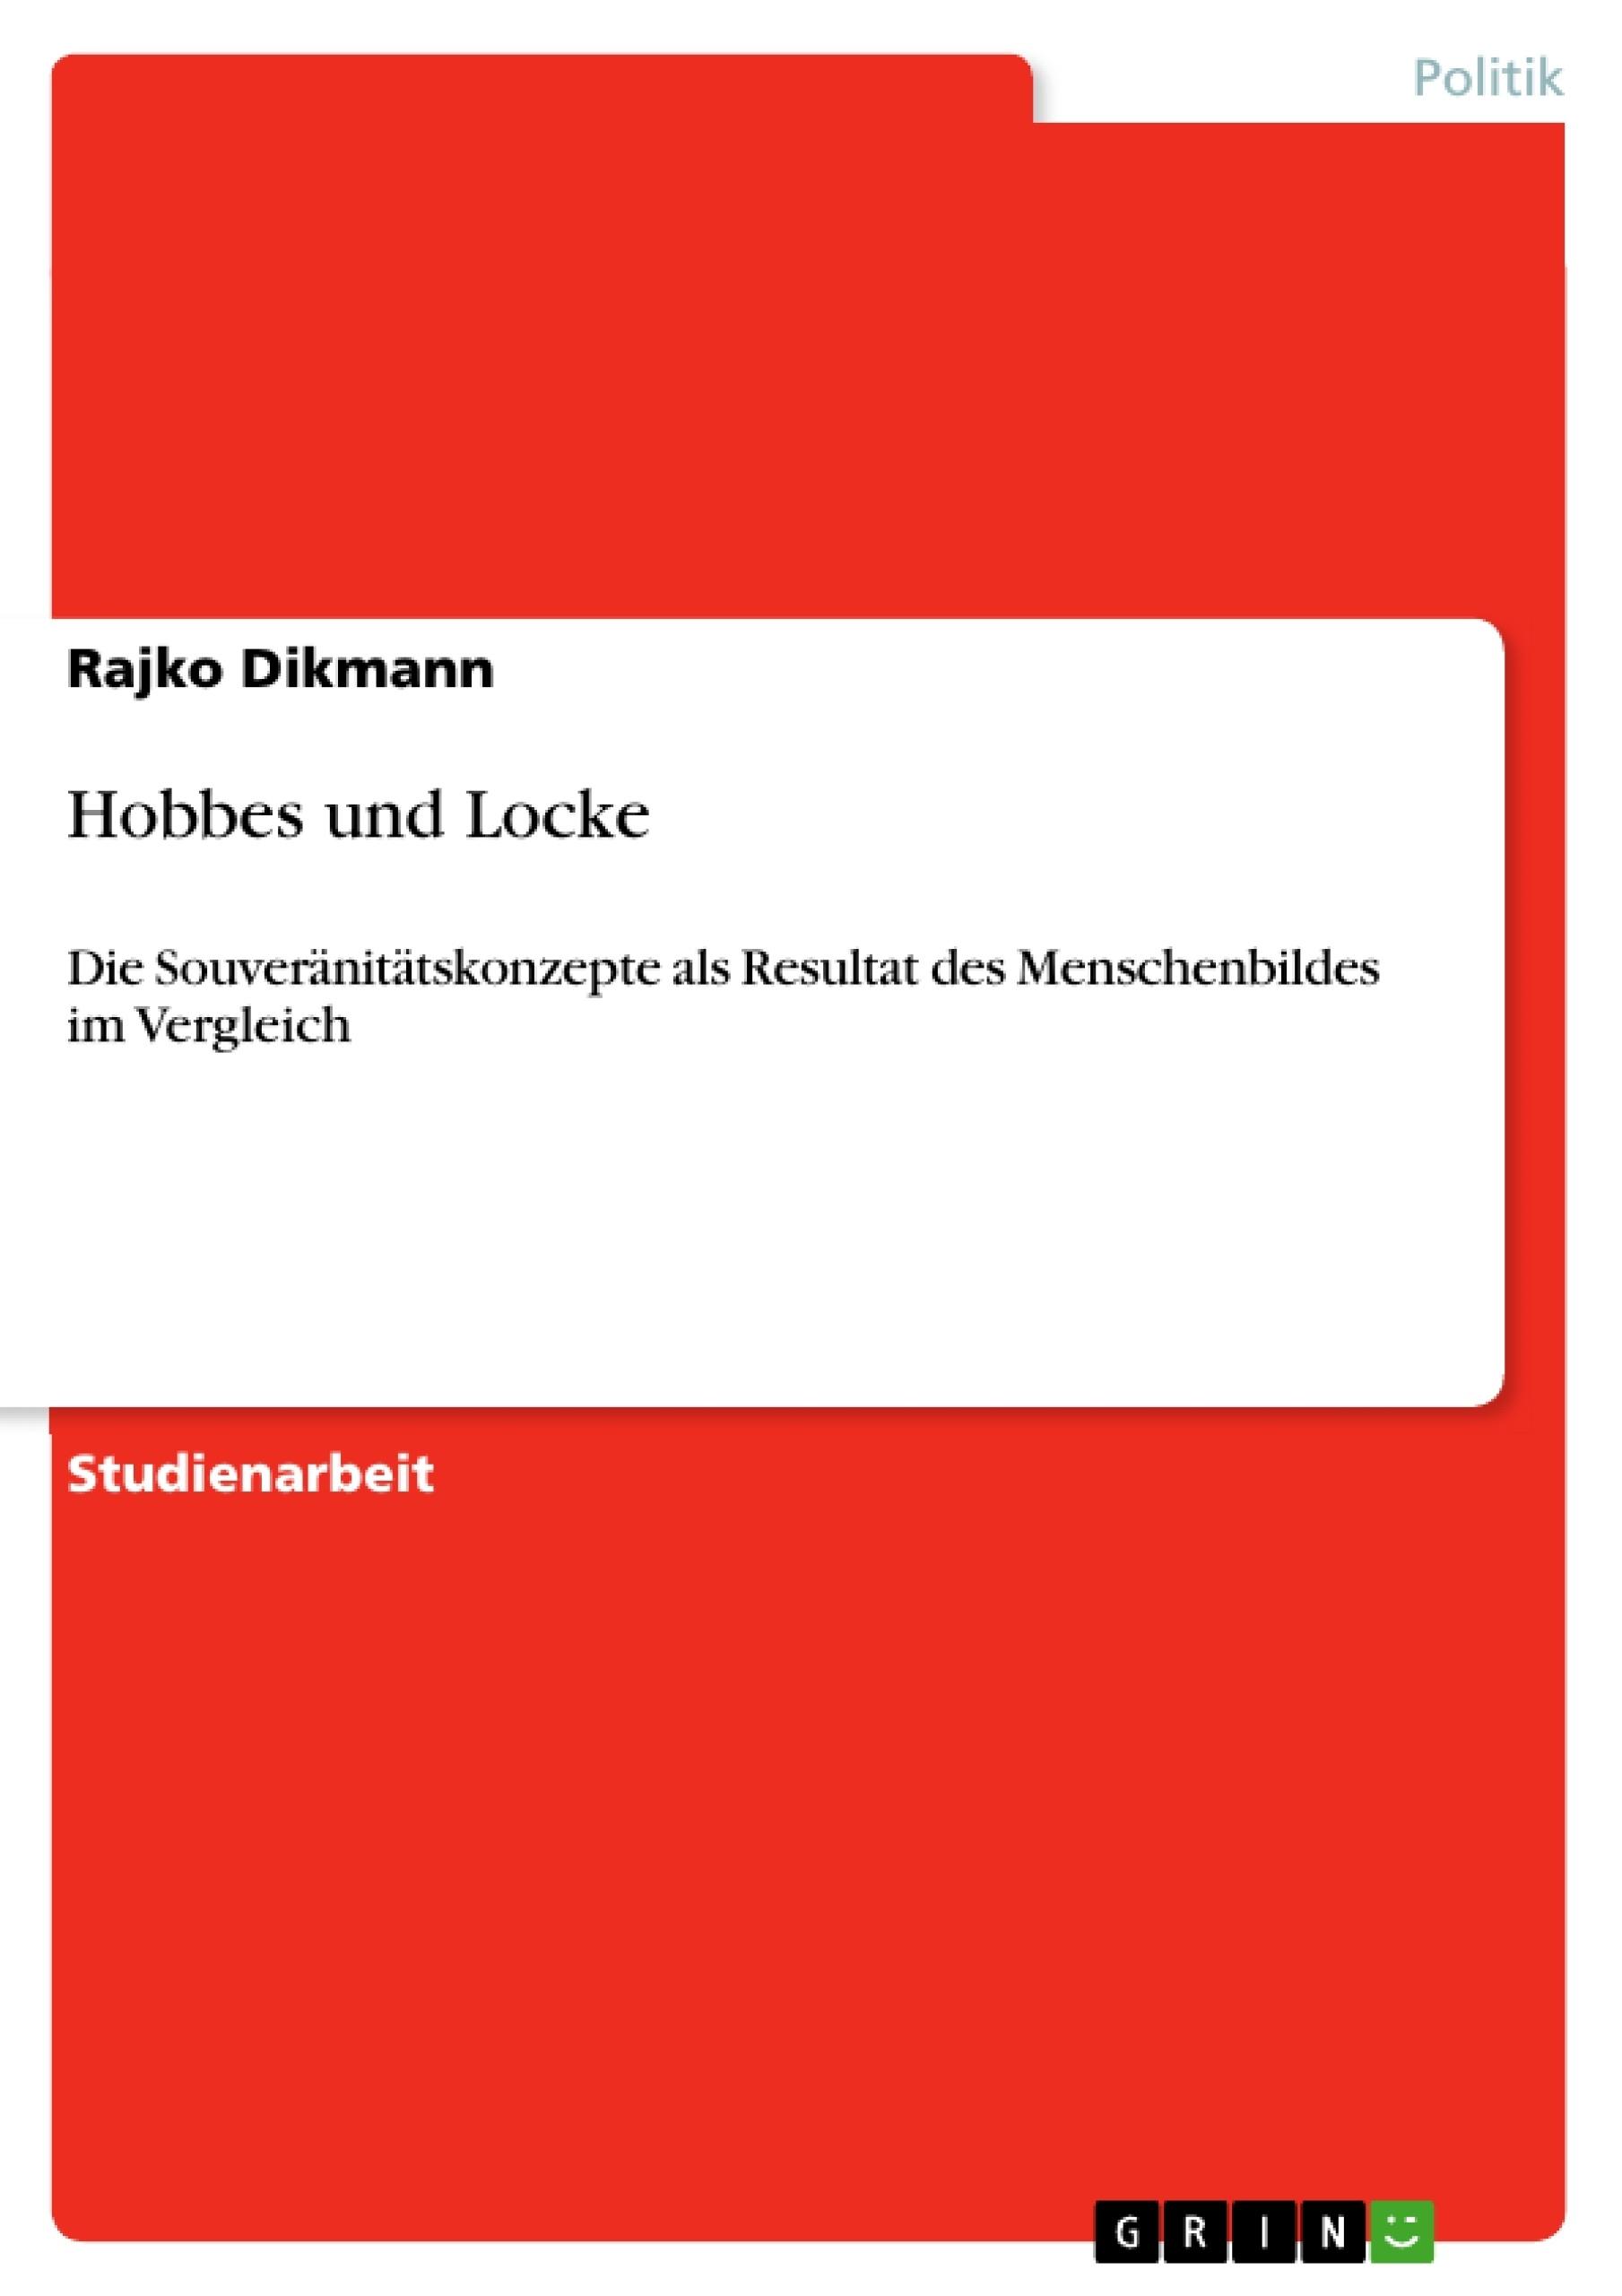 Titel: Hobbes und Locke